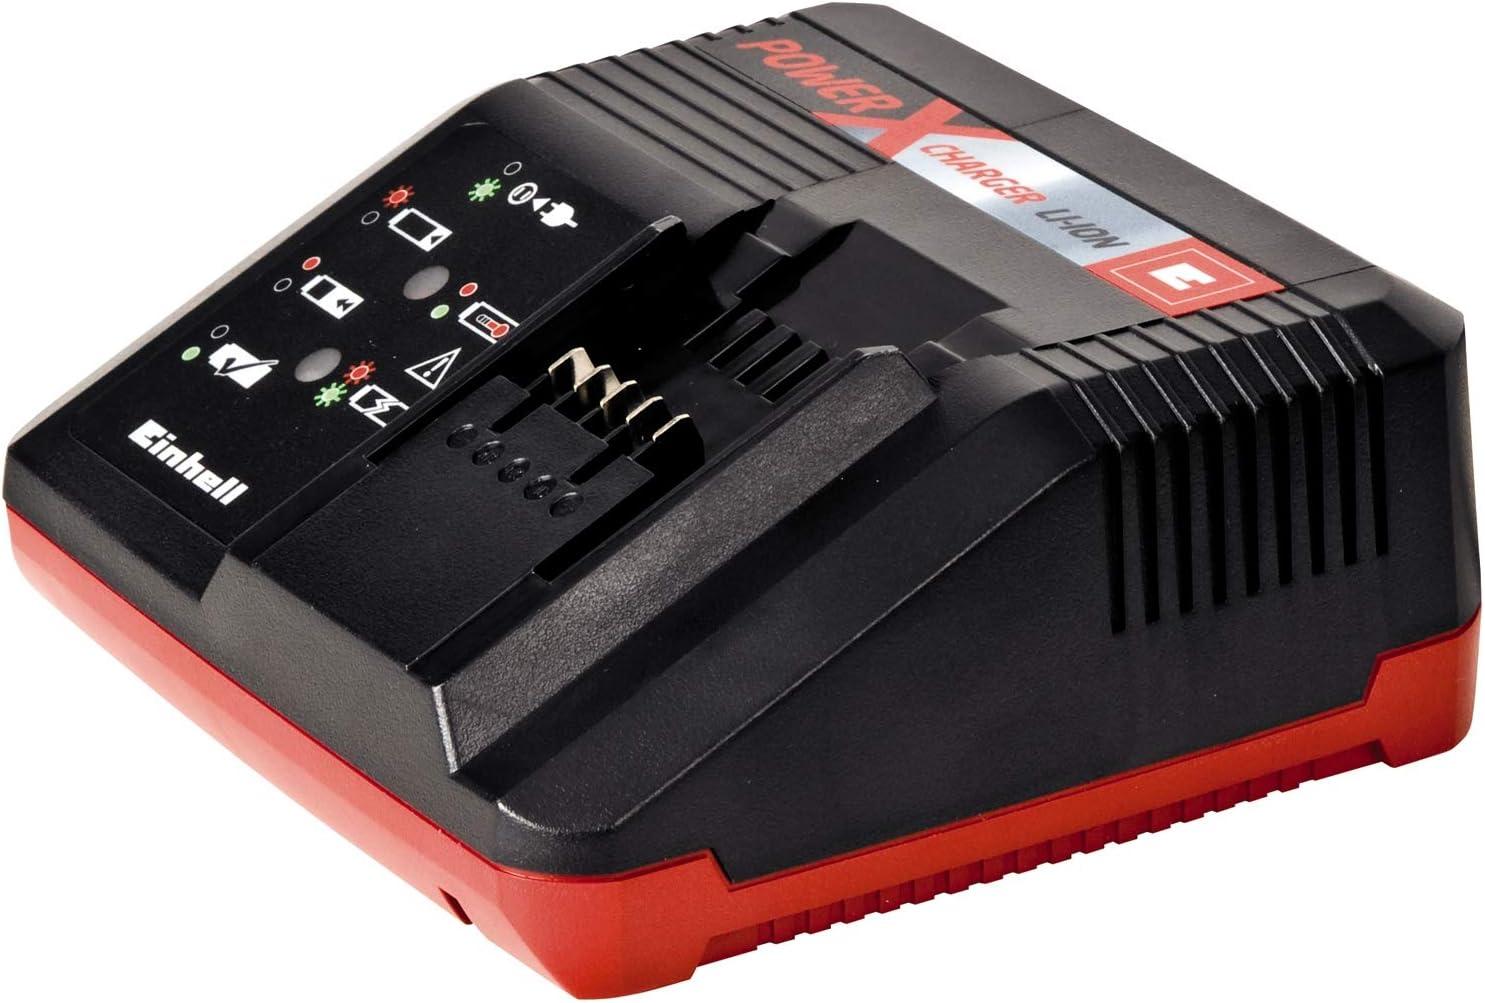 Einhell Akku-Rasentrimmer GE-CT 18 Li Set Power X-Change Lithium Ionen, 18 V, 240 mm Schnittkreis, 20 Kunststoffmesser, inkl. 1,5 Ah Akku und Ladeger/ät